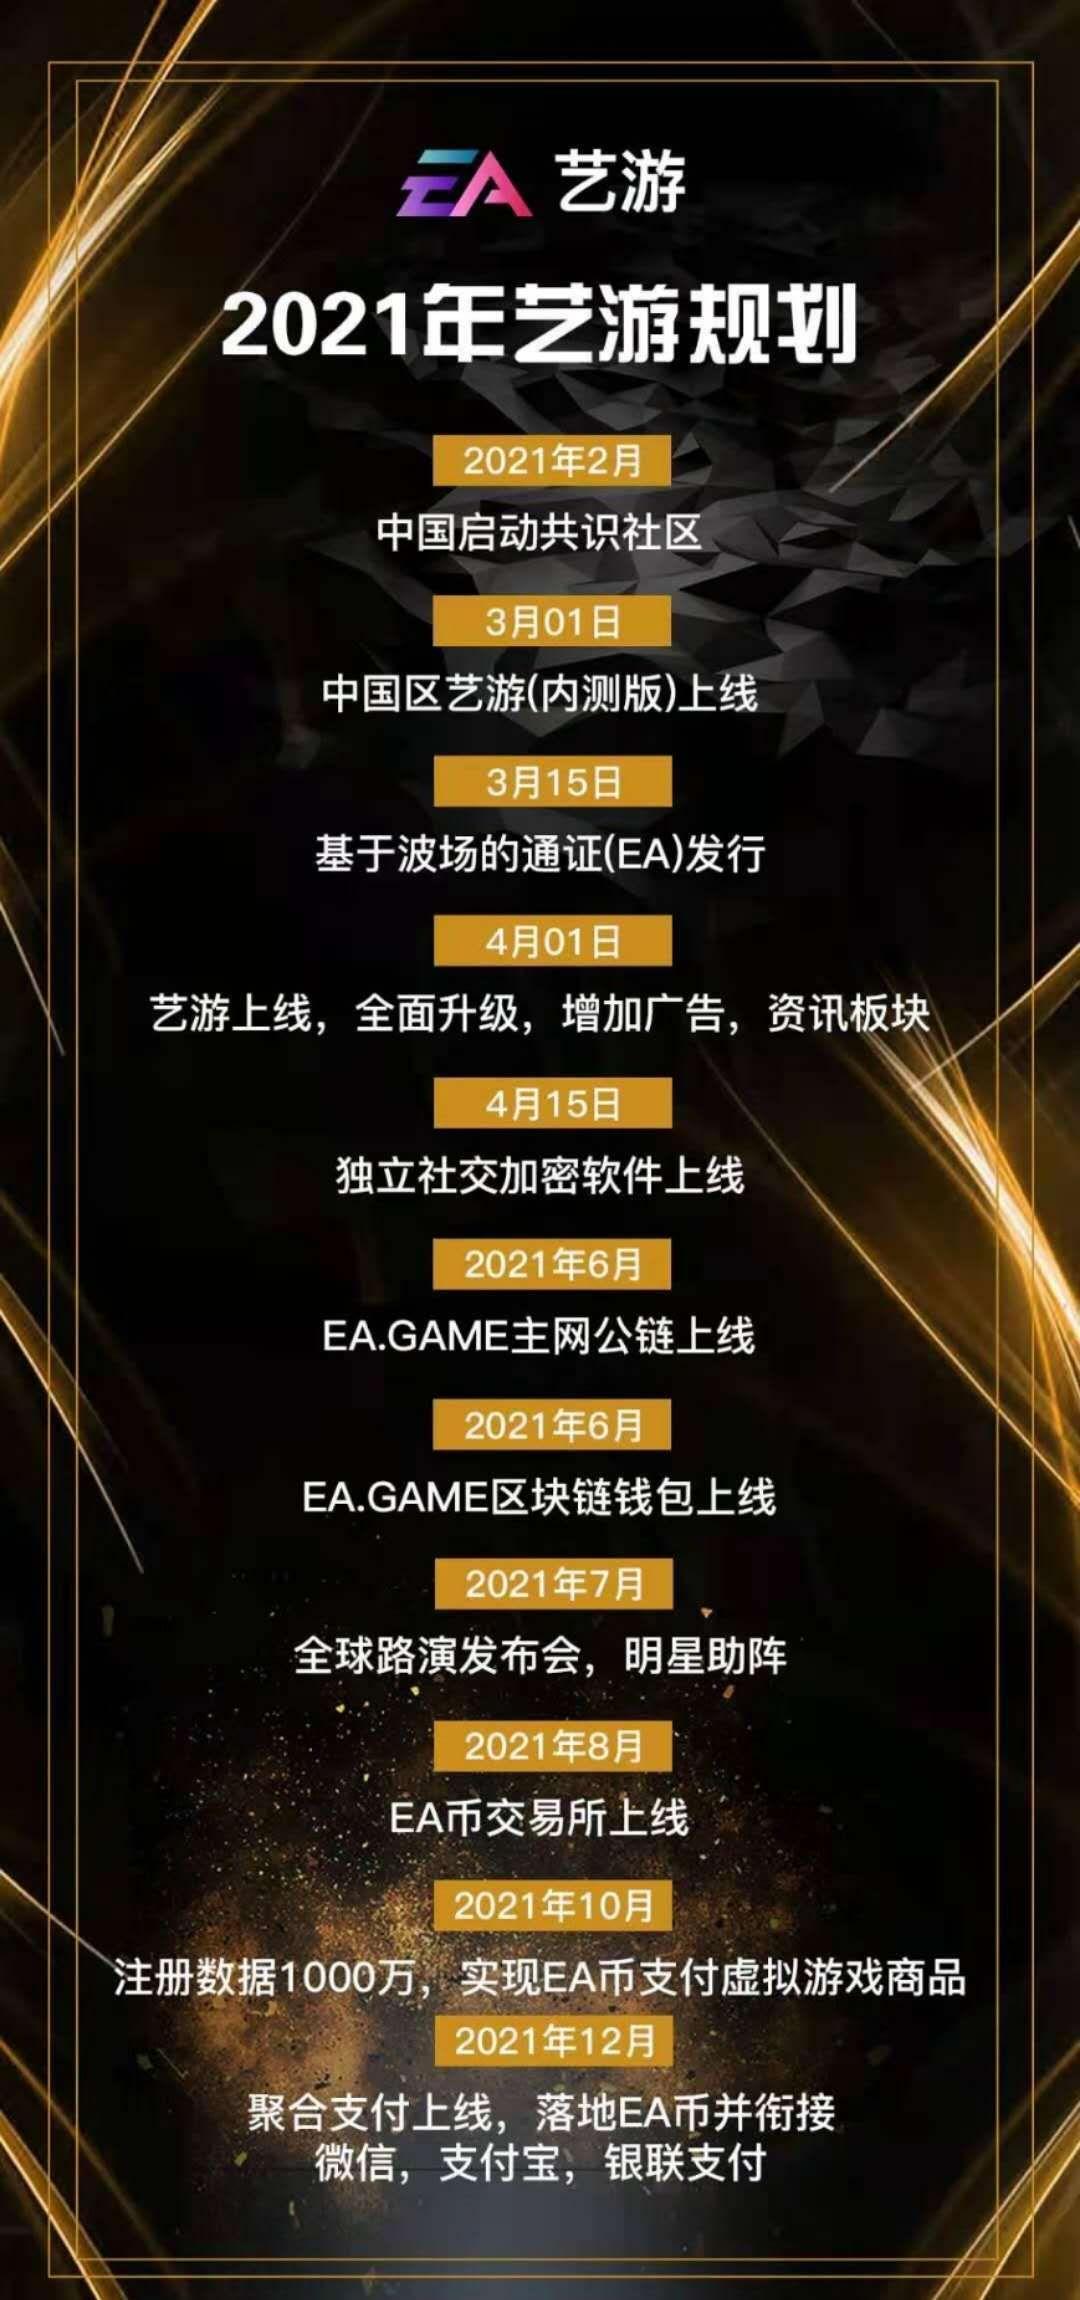 雅视YA弟弟艺游EA来了高扶持3月3号开